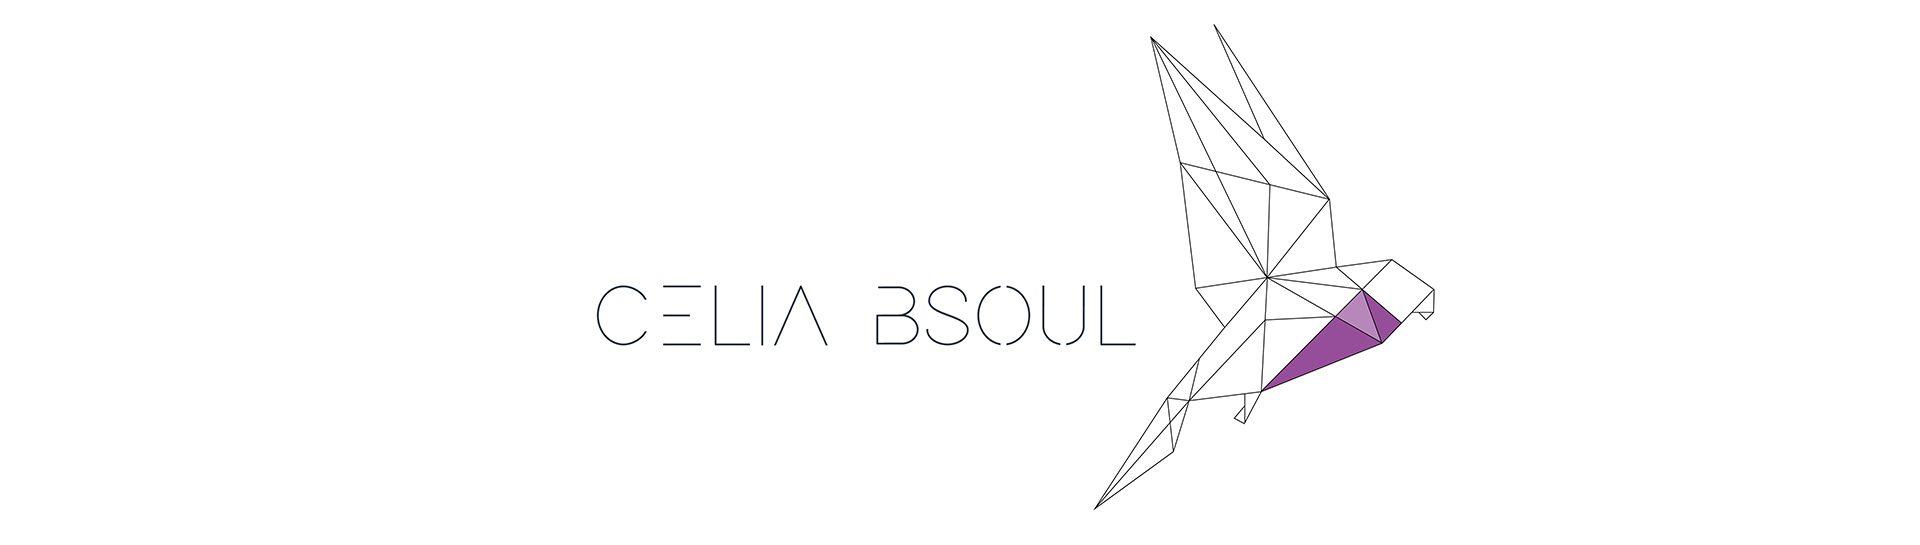 Celia BSoul